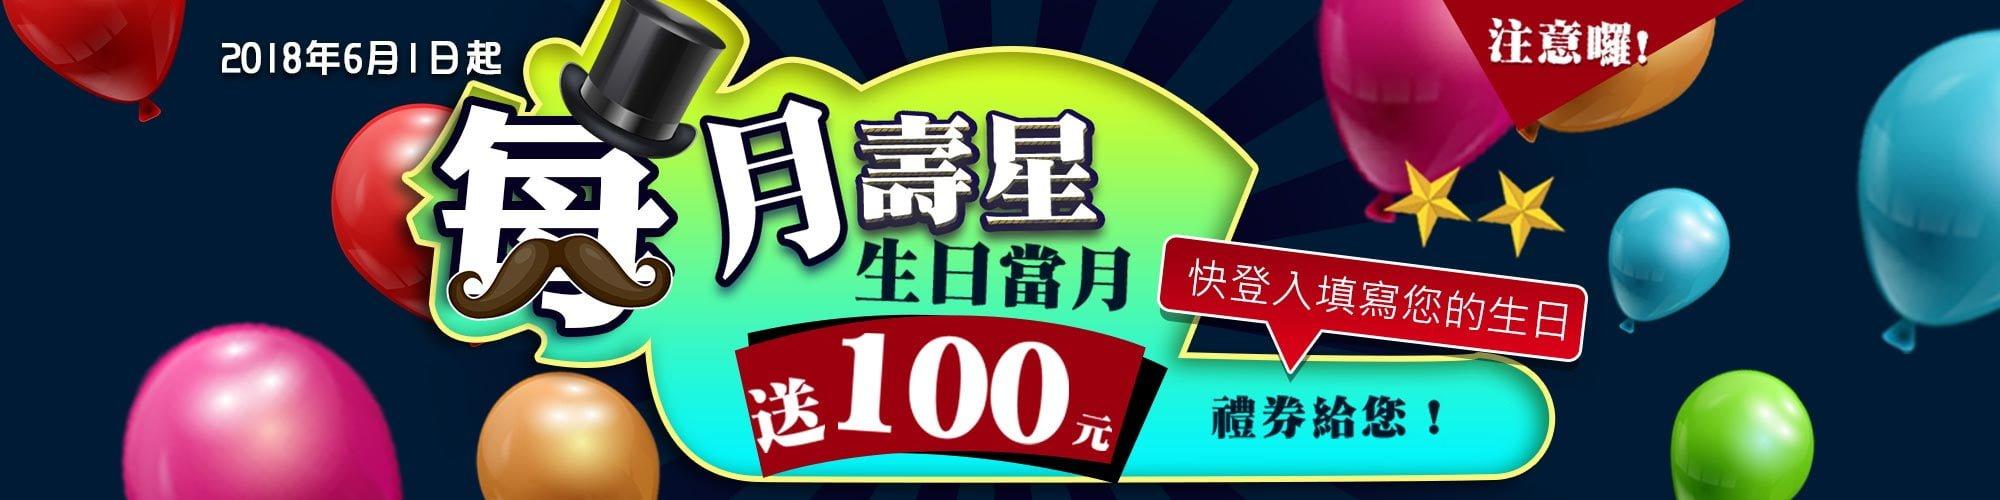 家樂福 Carrefour 會員生日月免費送 100 元折價券